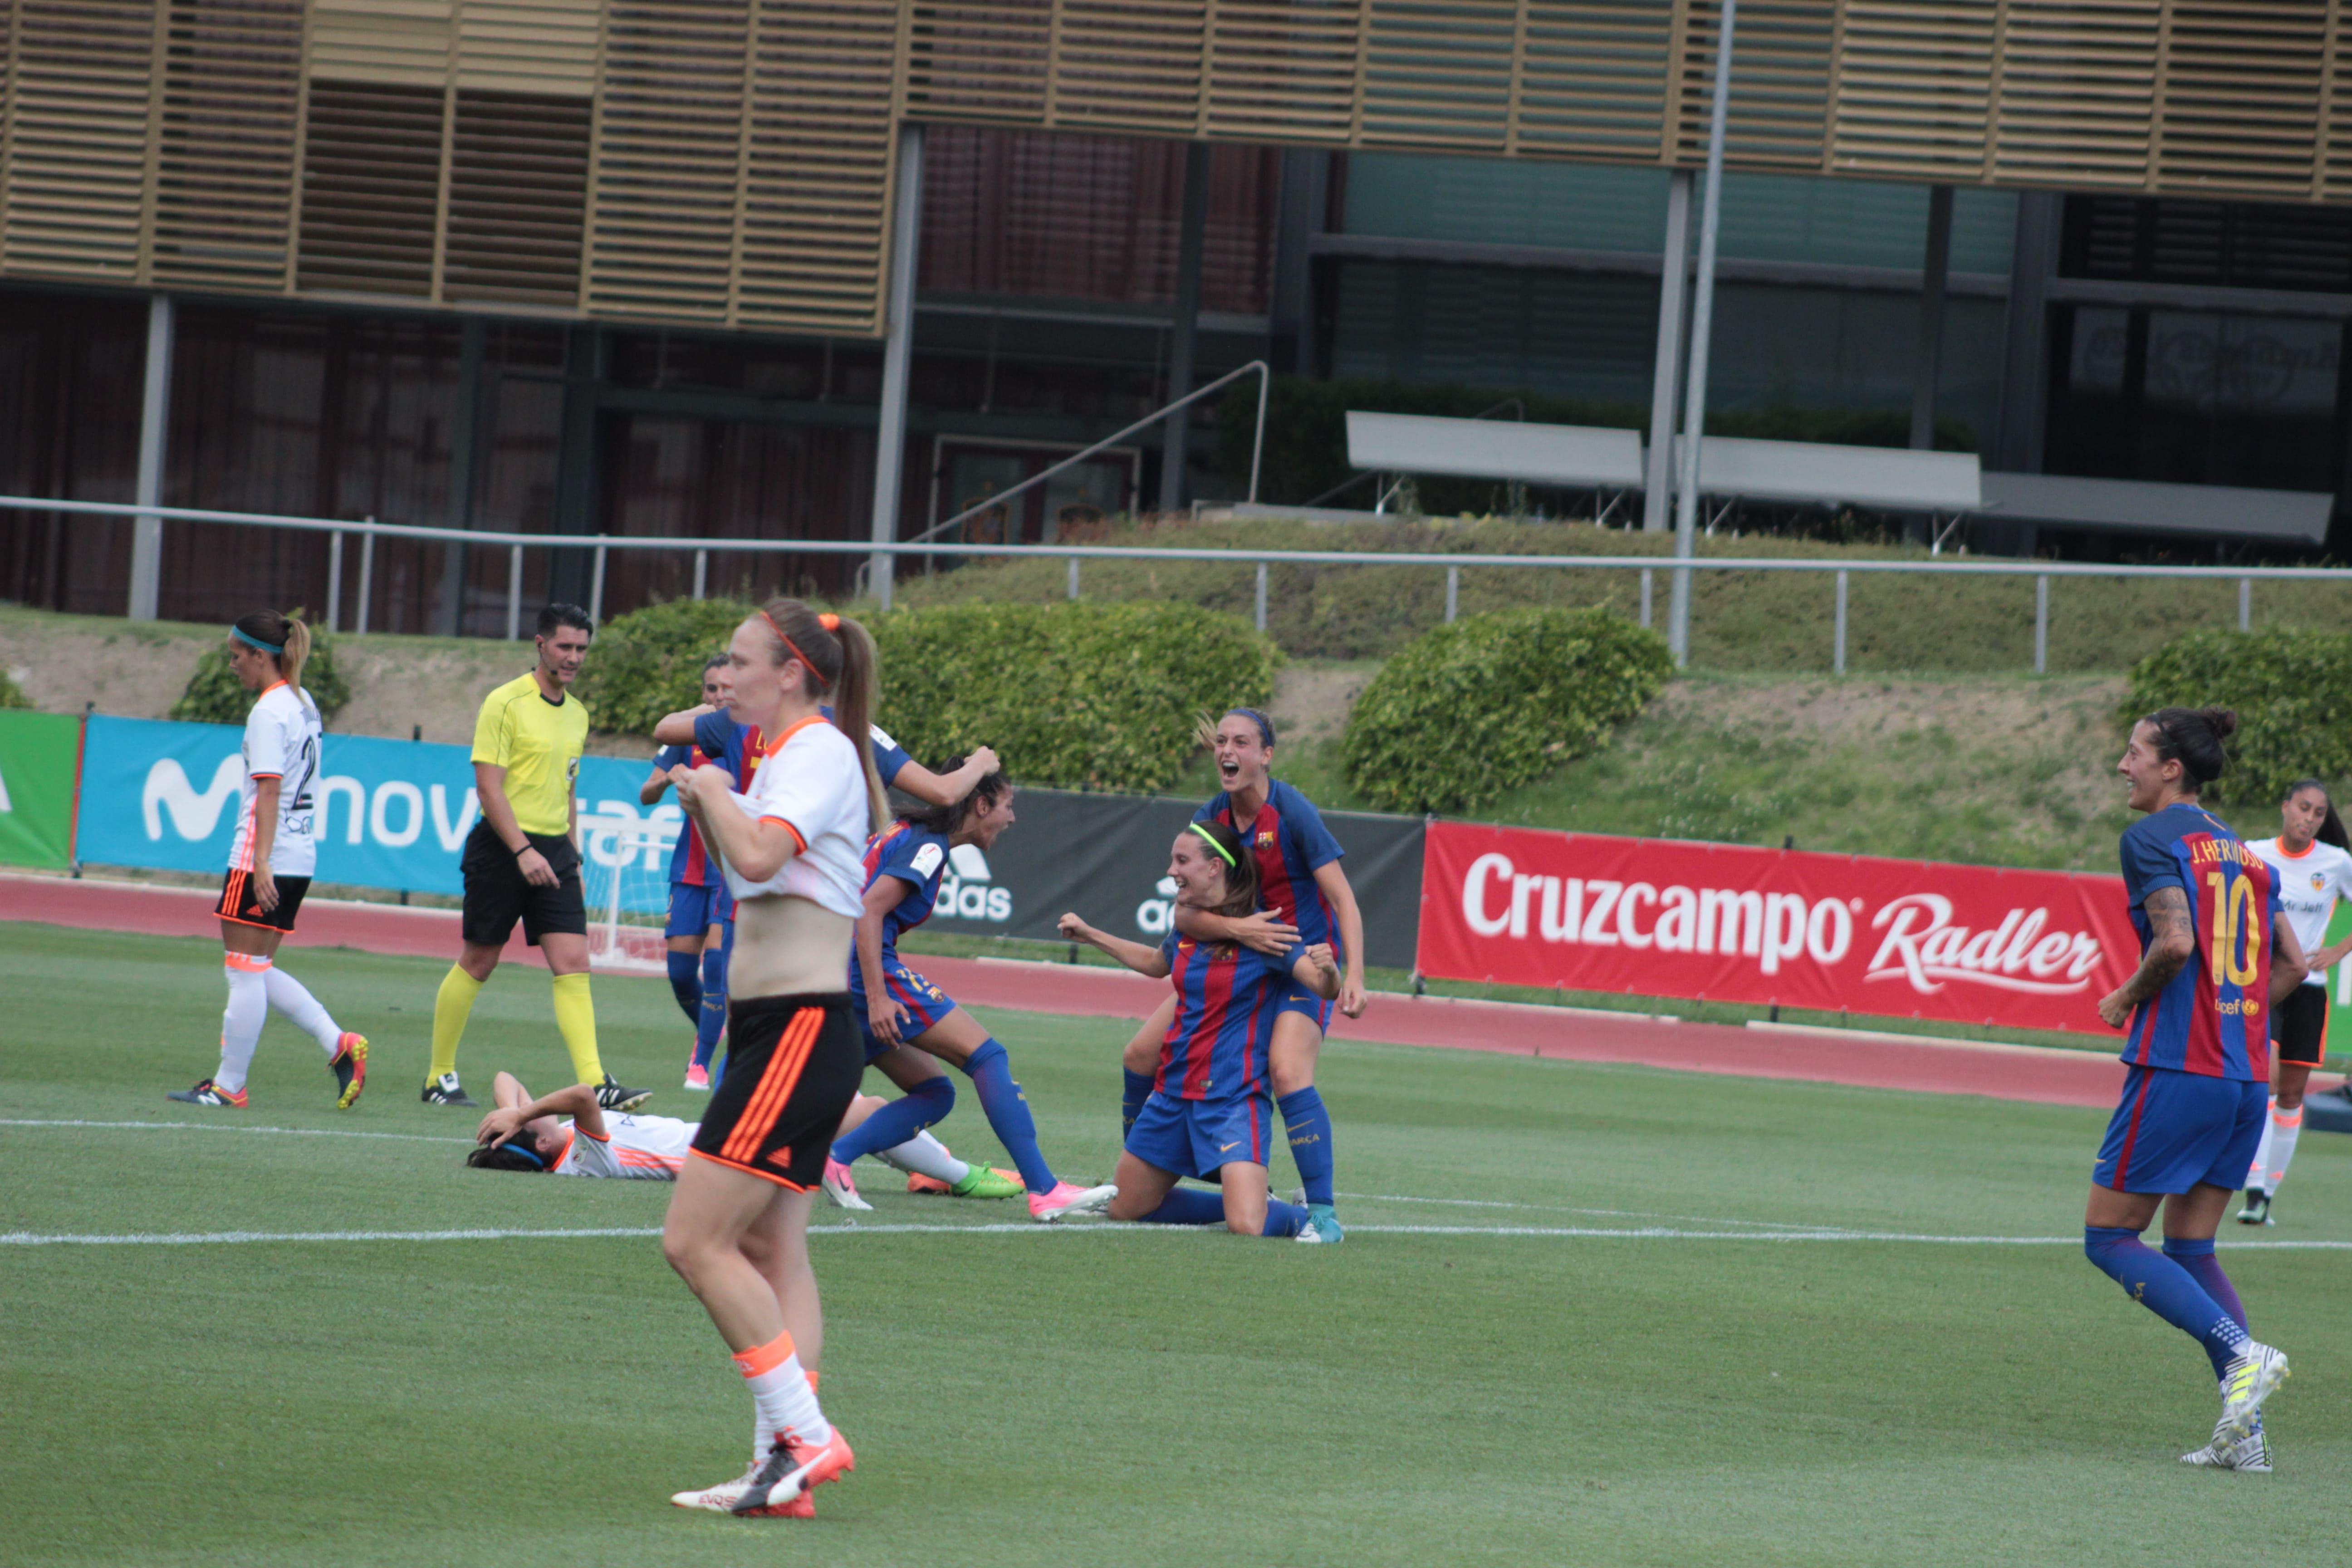 EL Barcelona celebra el primer gol obra de Gemma Gili ©Todofutboleras.com by Pelayo/Álvaro Hernández